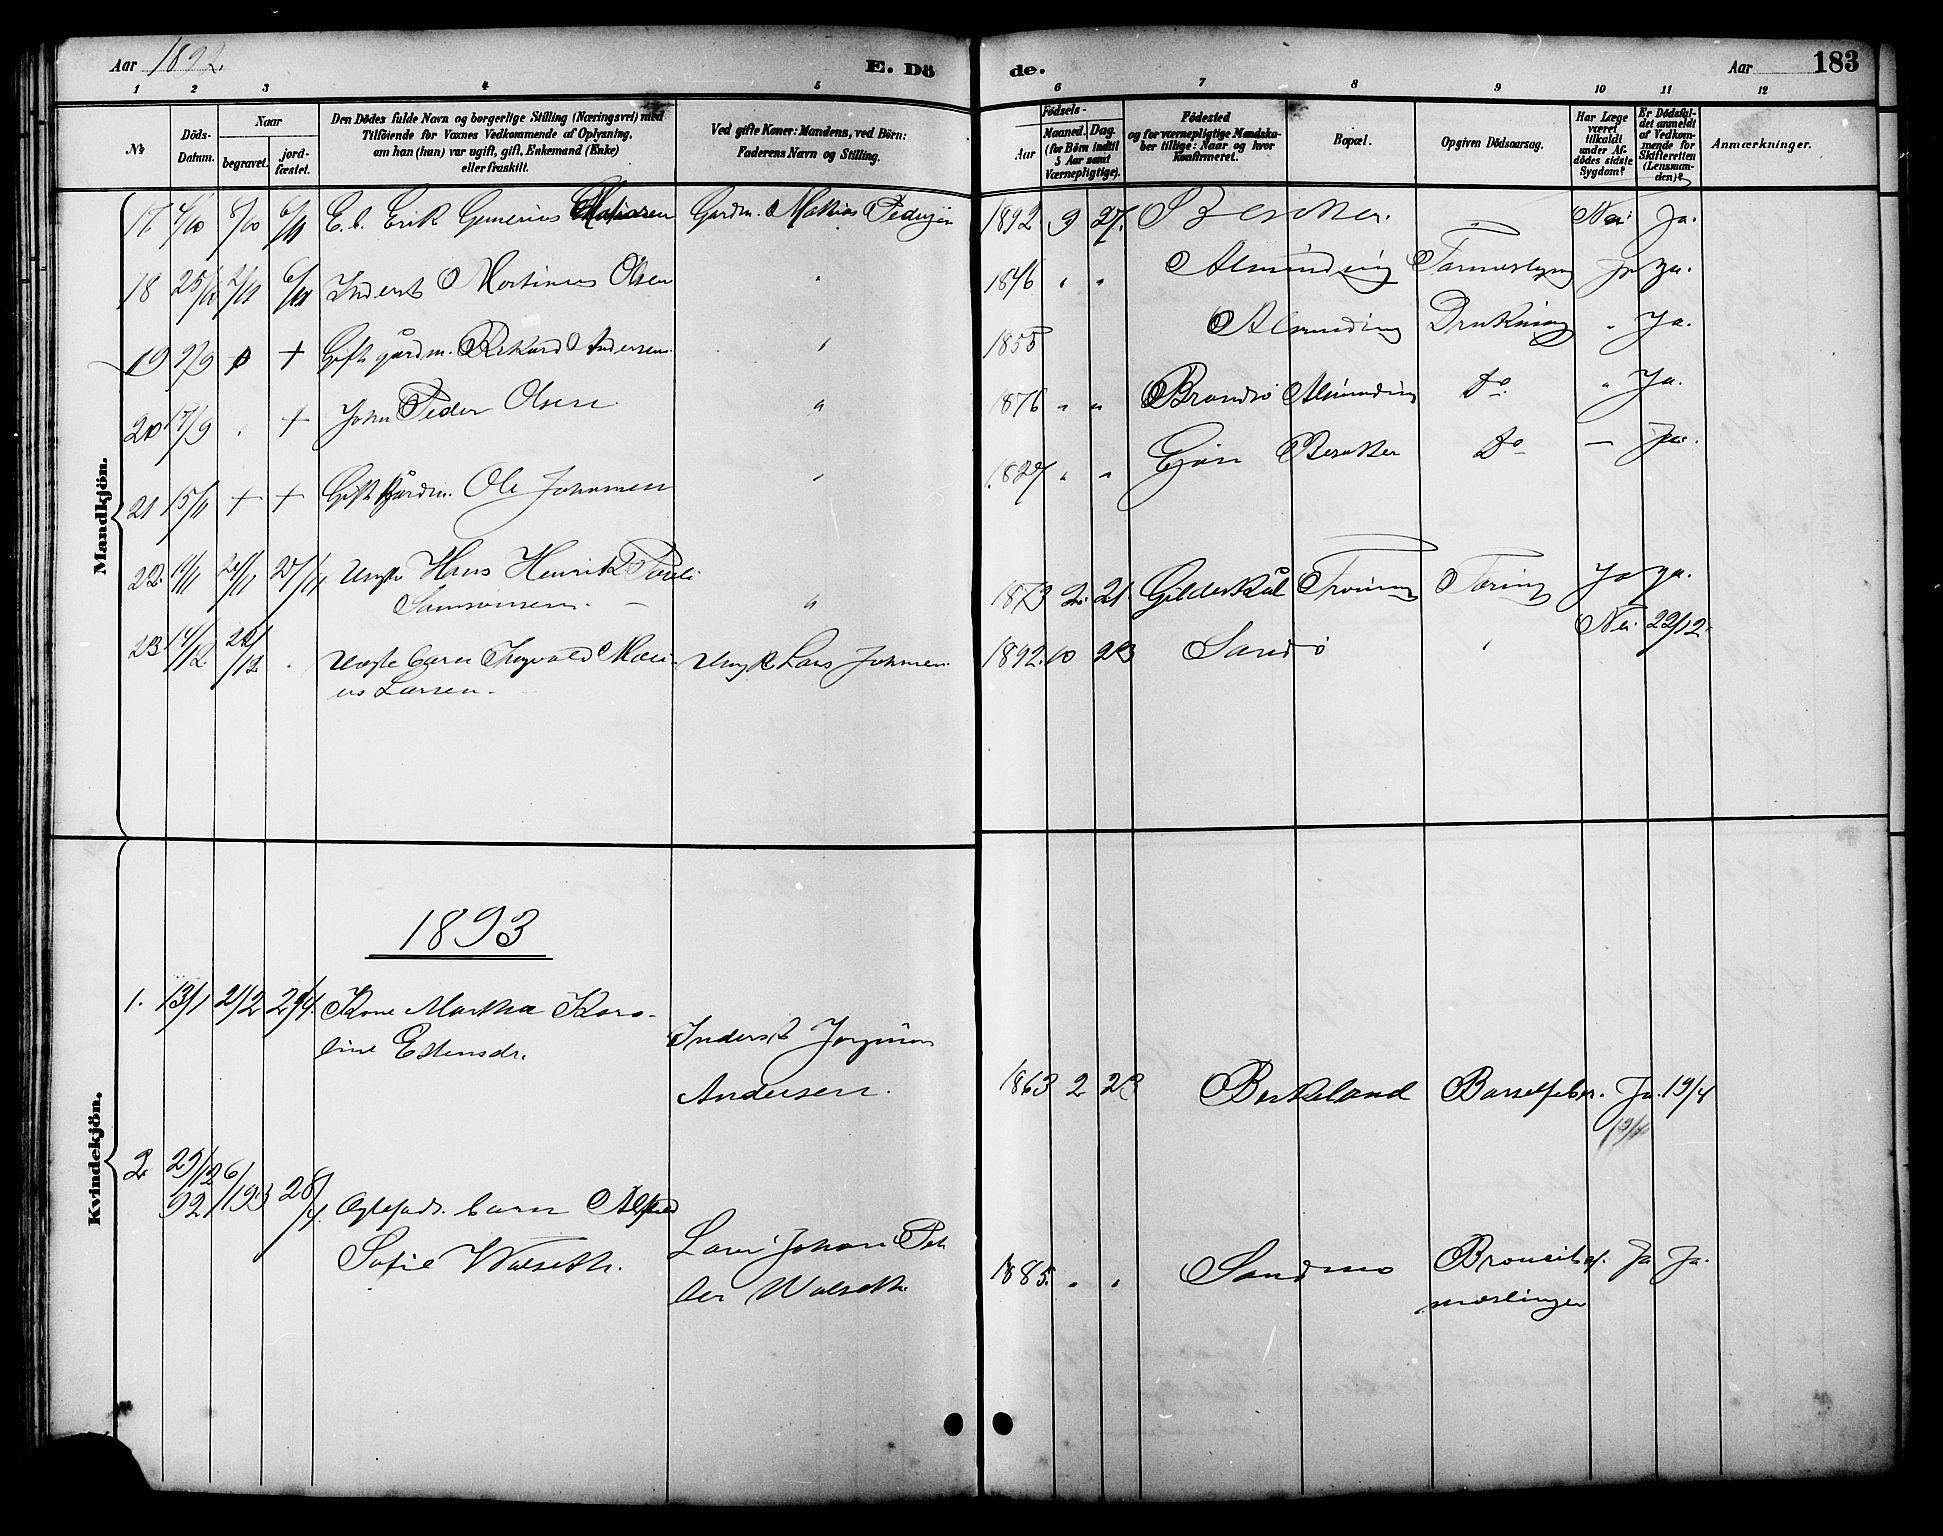 SAT, Ministerialprotokoller, klokkerbøker og fødselsregistre - Sør-Trøndelag, 657/L0716: Klokkerbok nr. 657C03, 1889-1904, s. 183